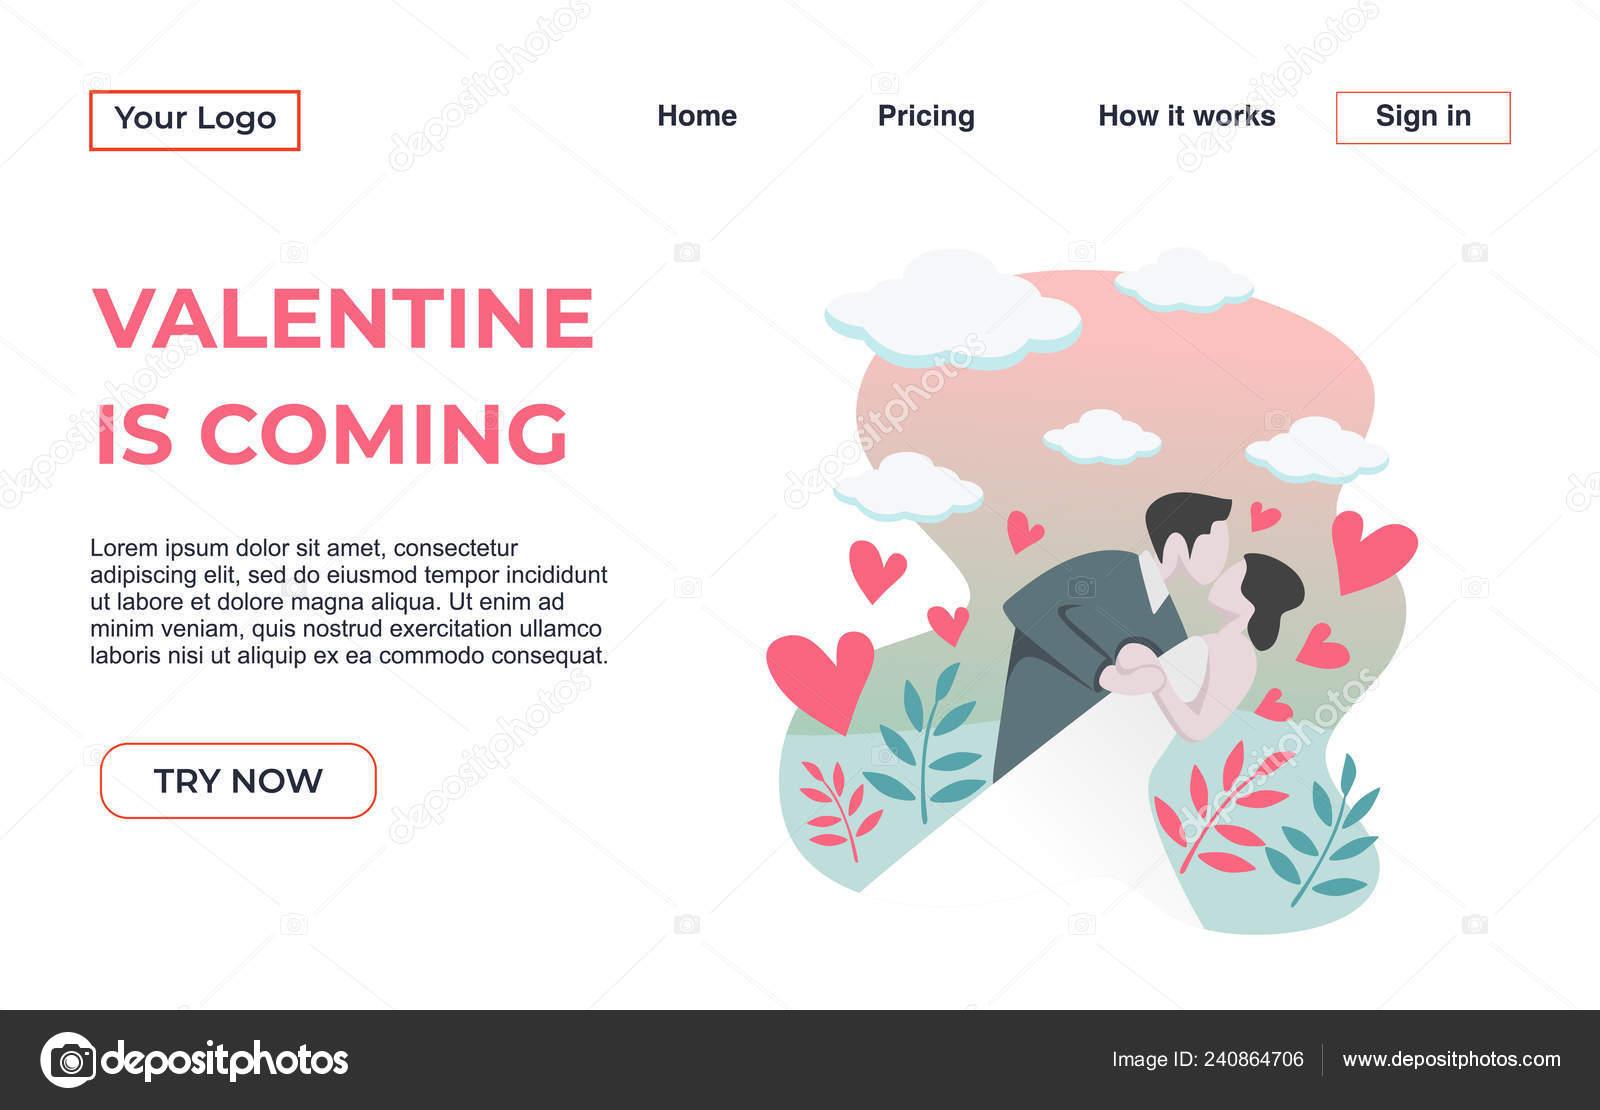 esempio di presentazione del sito di incontri incontri qualcuno post divorzio